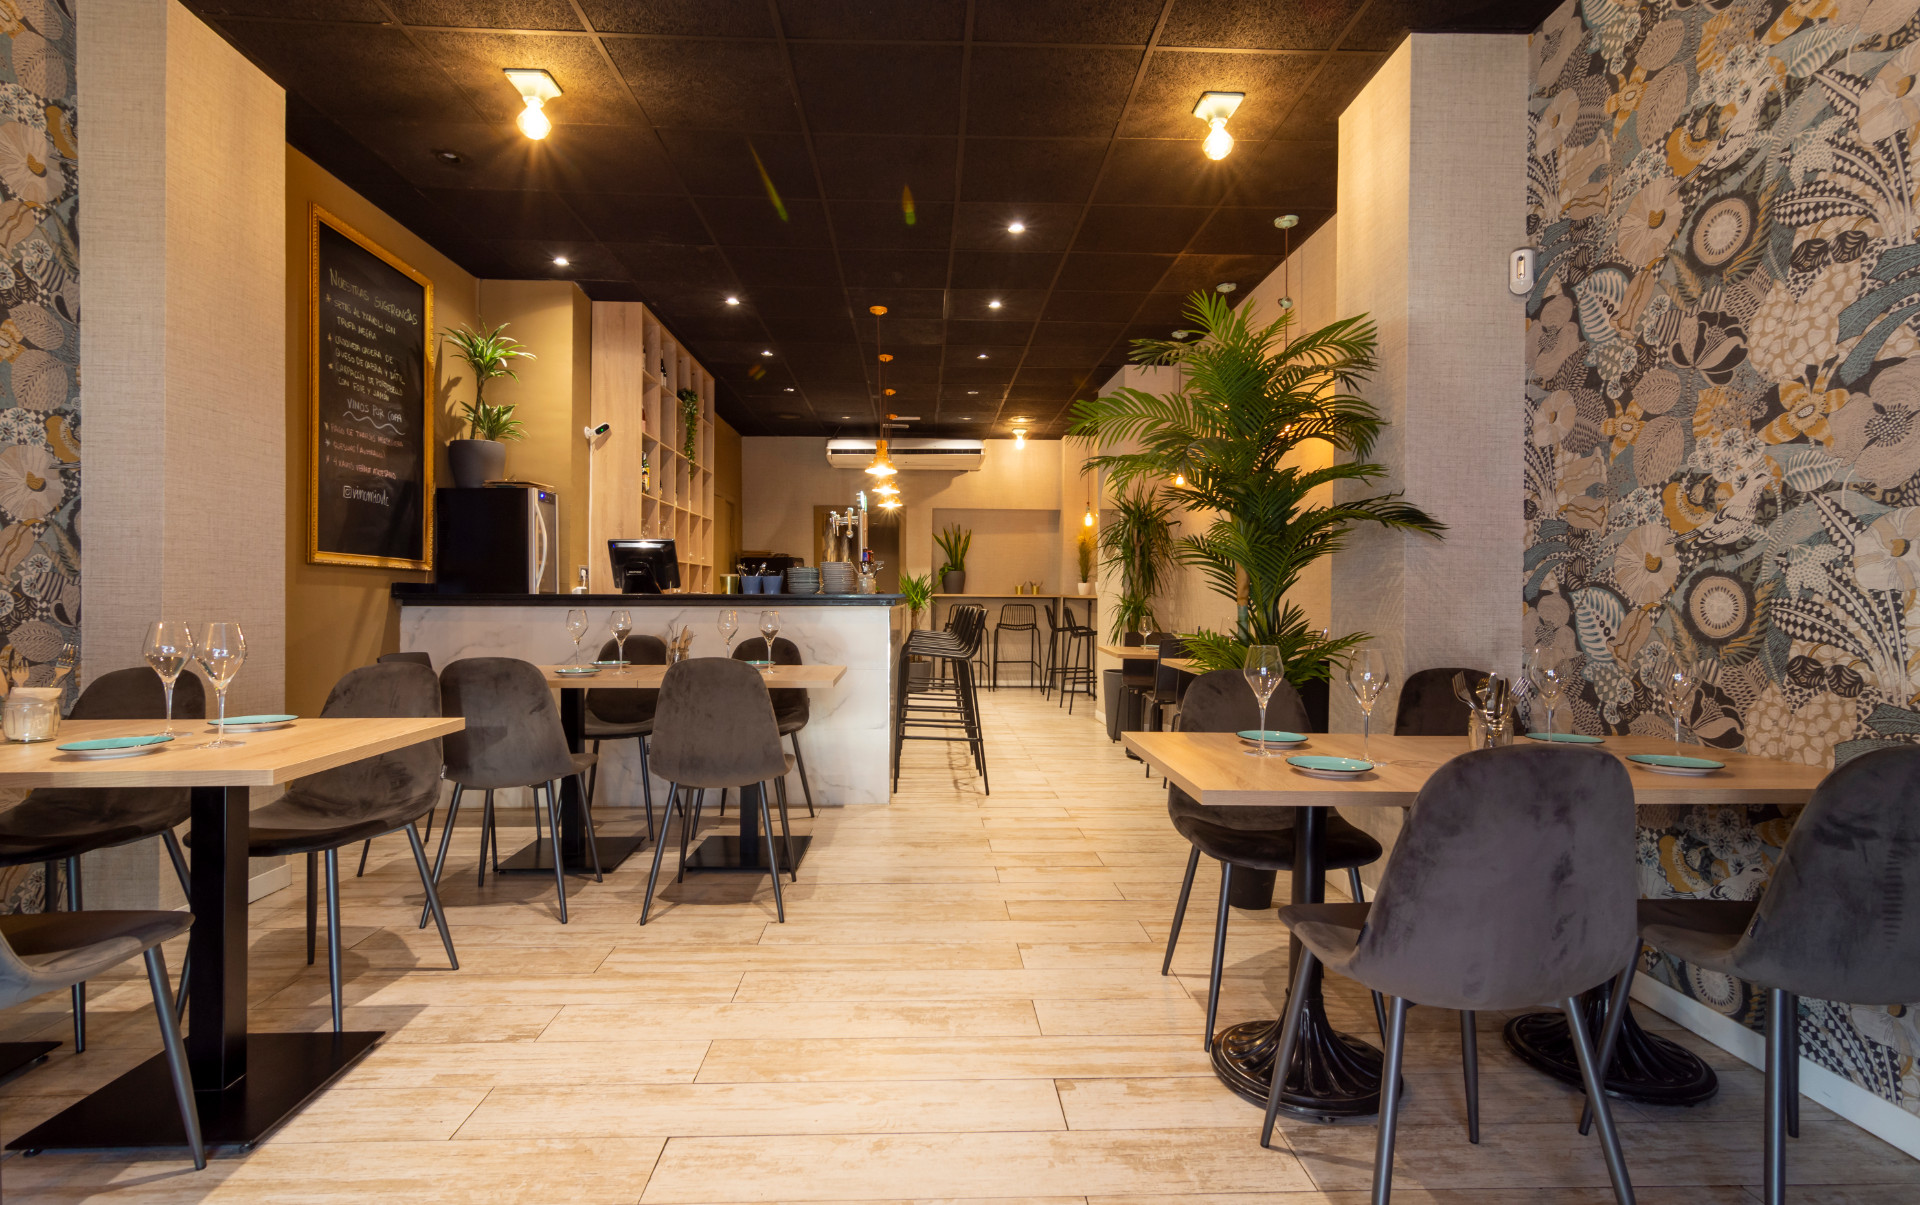 proyectos-interiorismo-interioristas-locales-comerciales-gastronomia-vinotecas-enotecas-restaurantes-bares-vinomio-gastrowine-valencia-1